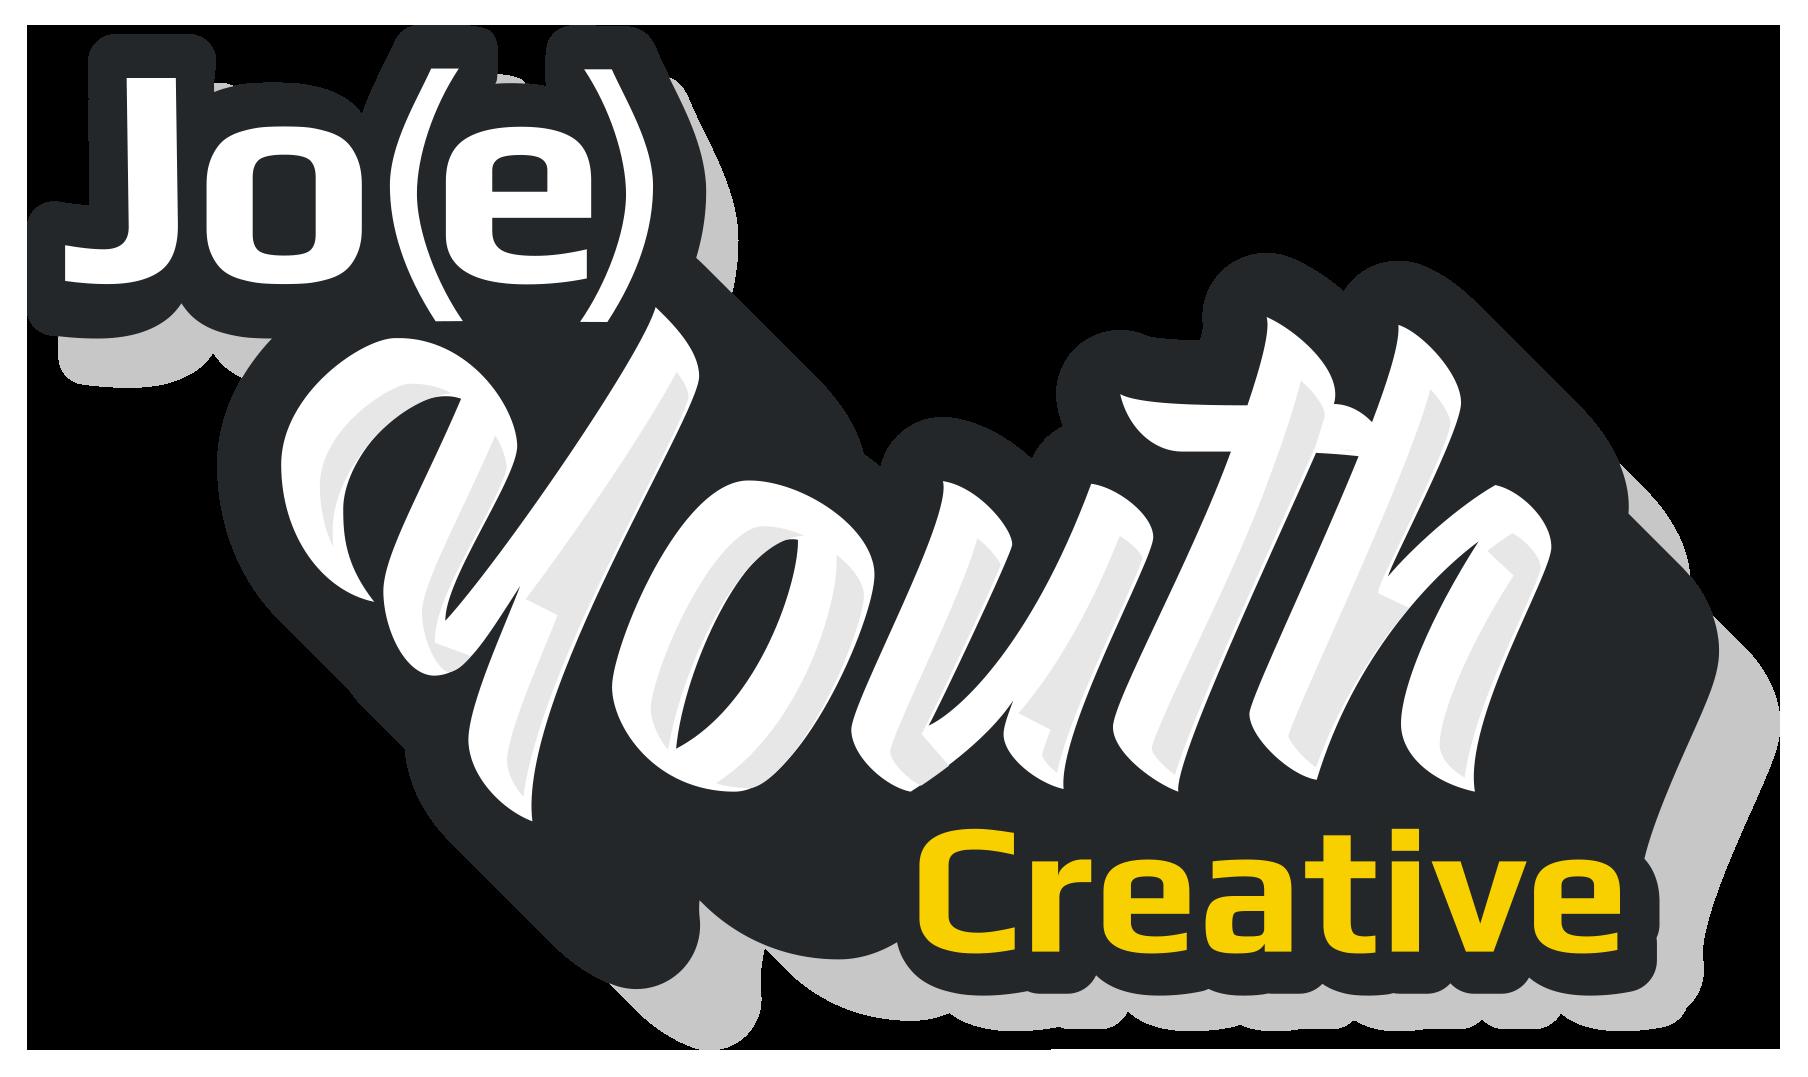 Jo(e) Youth Creative Logo